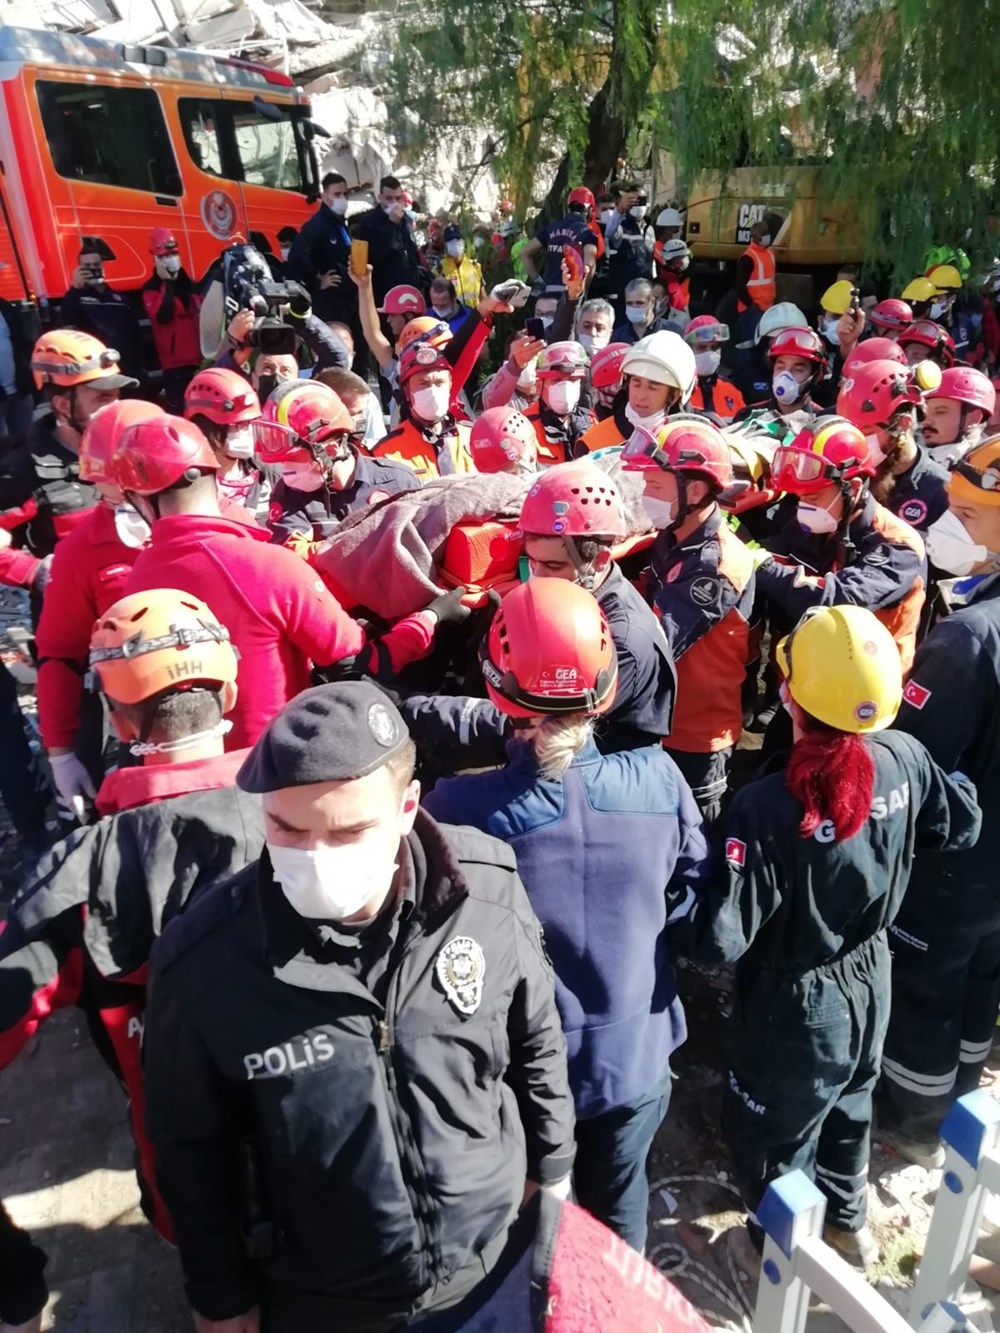 İzmir'de deprem sonrası enkaz altındakiler için zamana karşı yarış (58 saat sonra kurtarıldı) - 9